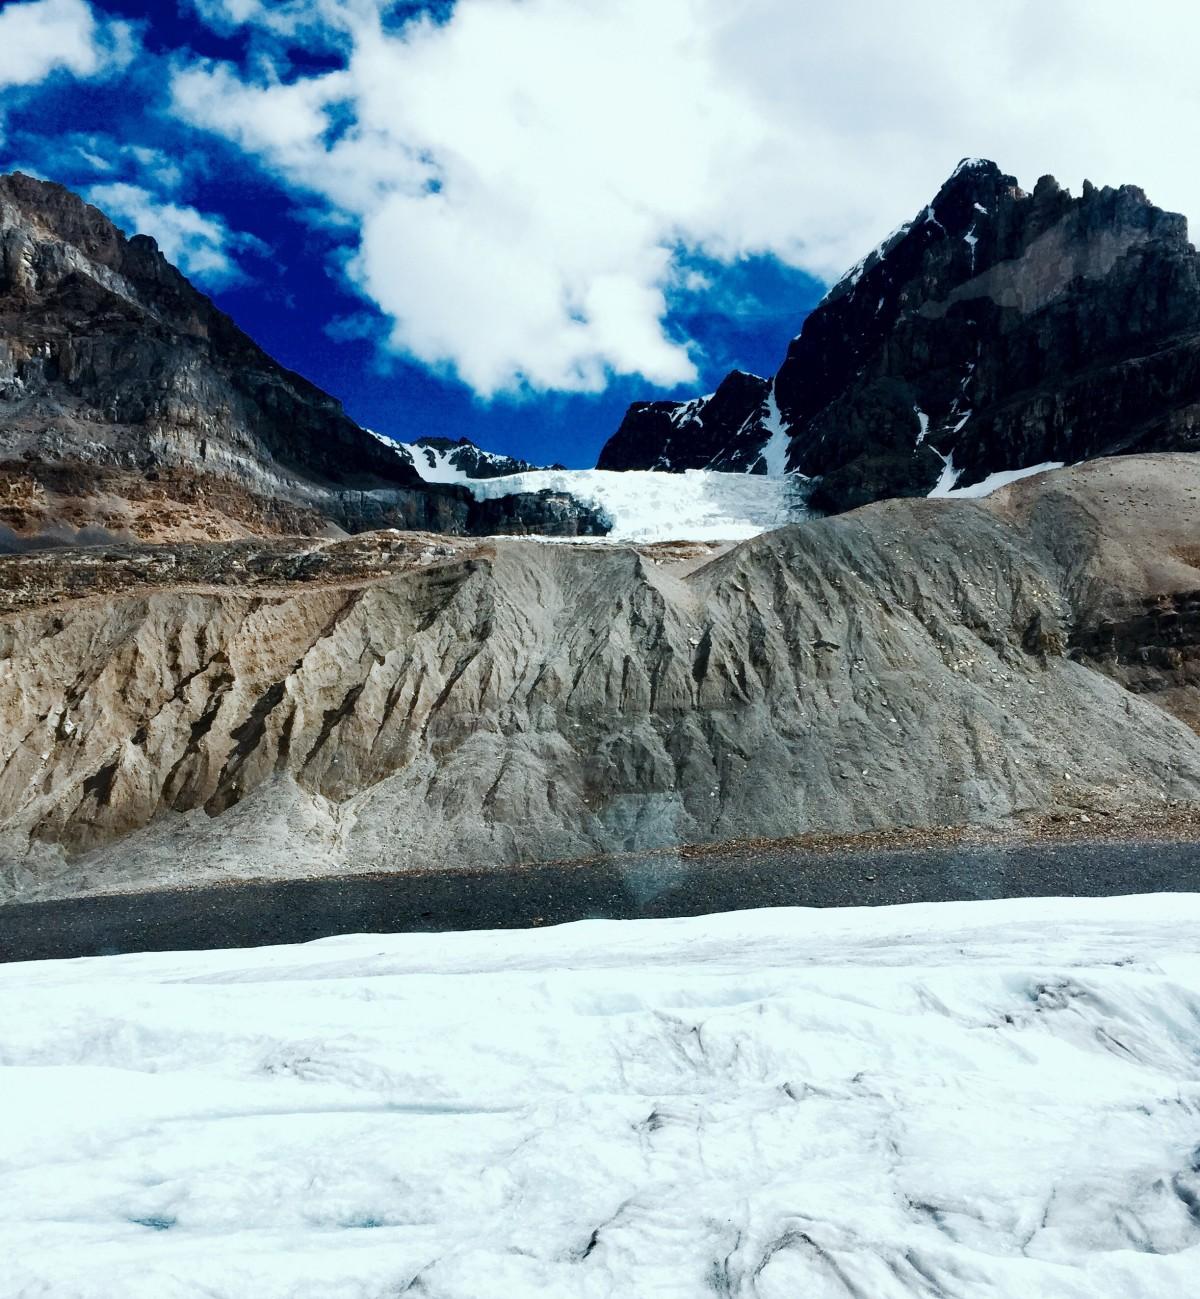 geology desert and glacier landscape contrast